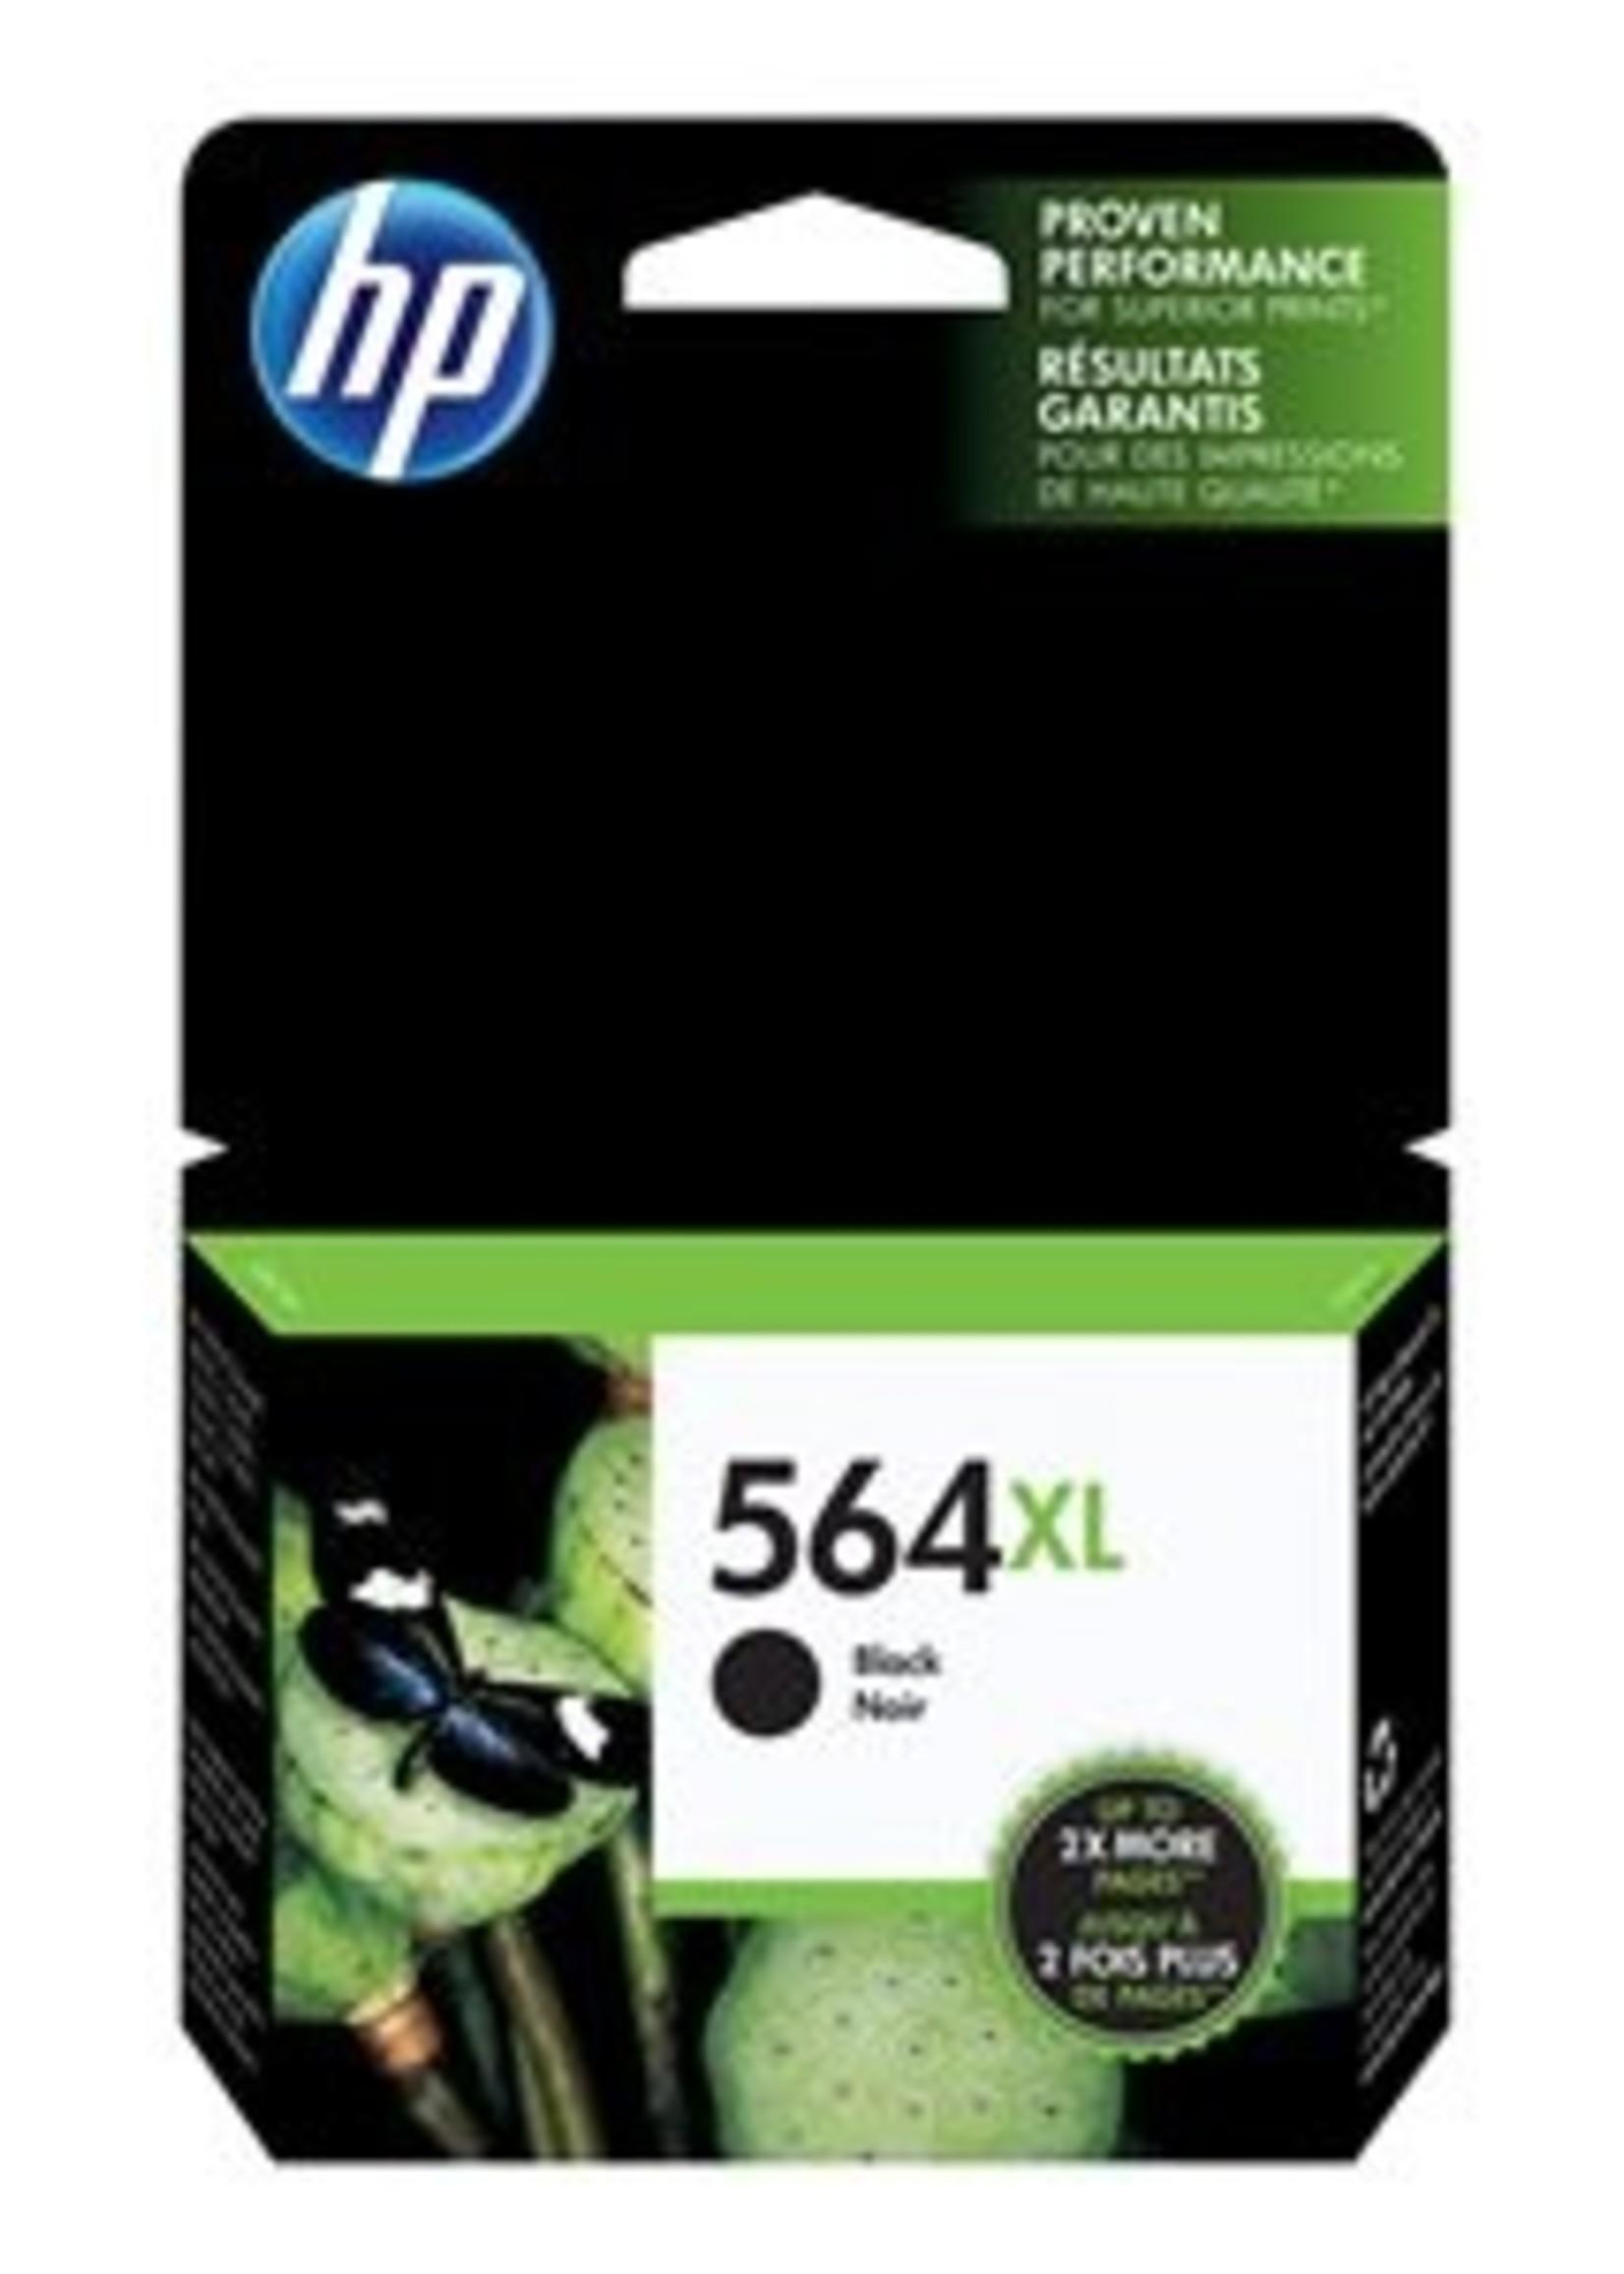 HP HP 564XL Black